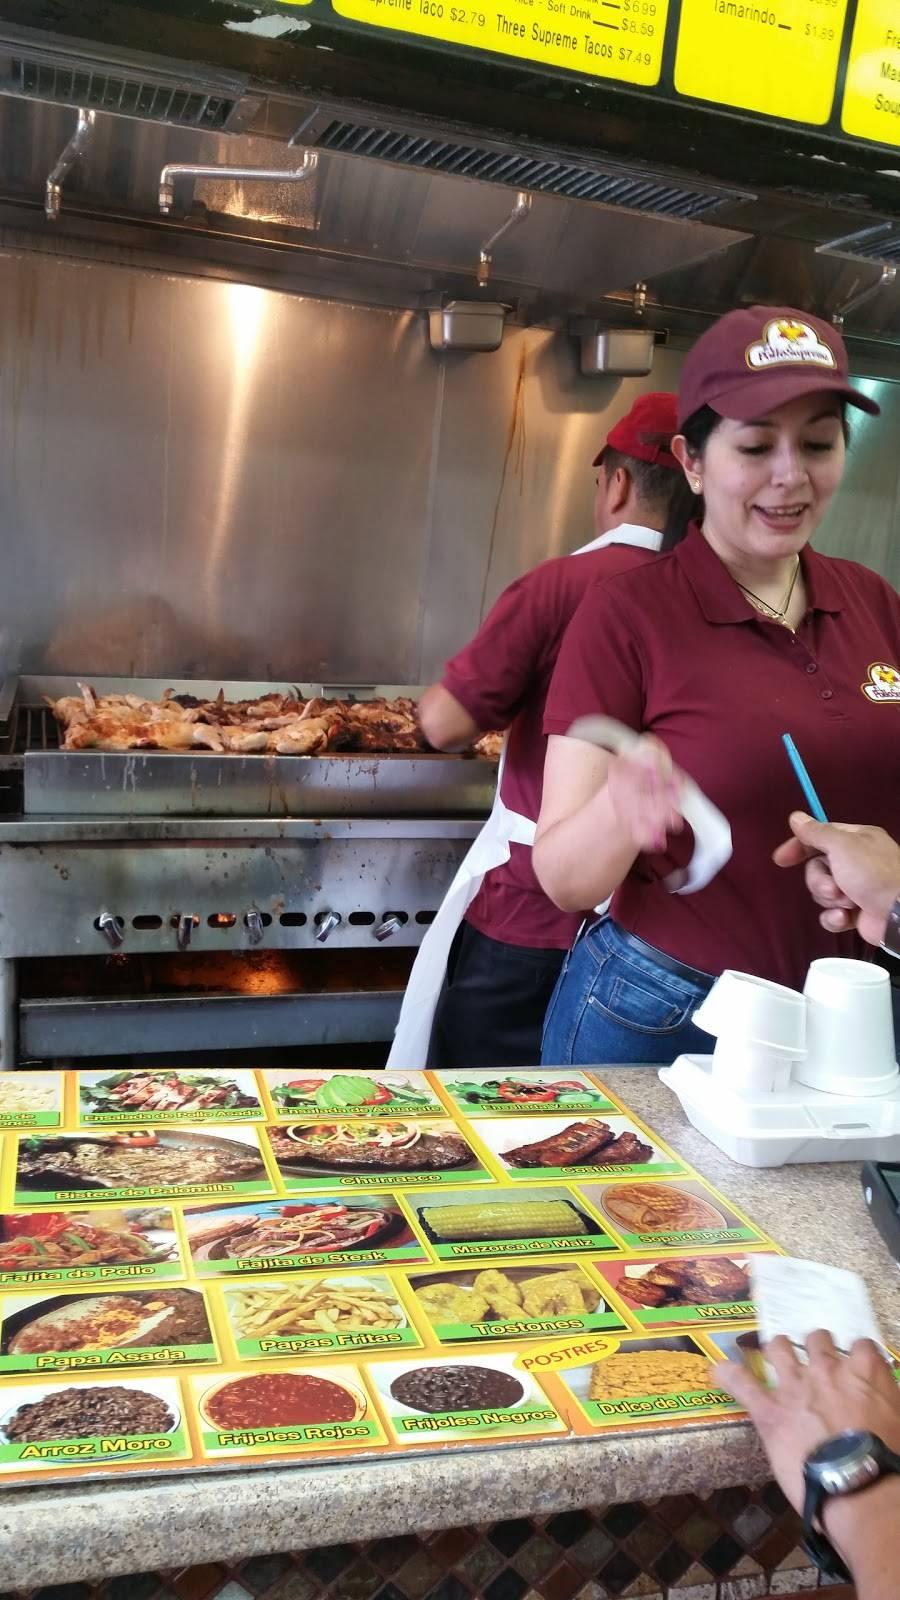 El Pollo Supremo | restaurant | 4209 Bergenline Ave, Union City, NJ 07087, USA | 2018655306 OR +1 201-865-5306